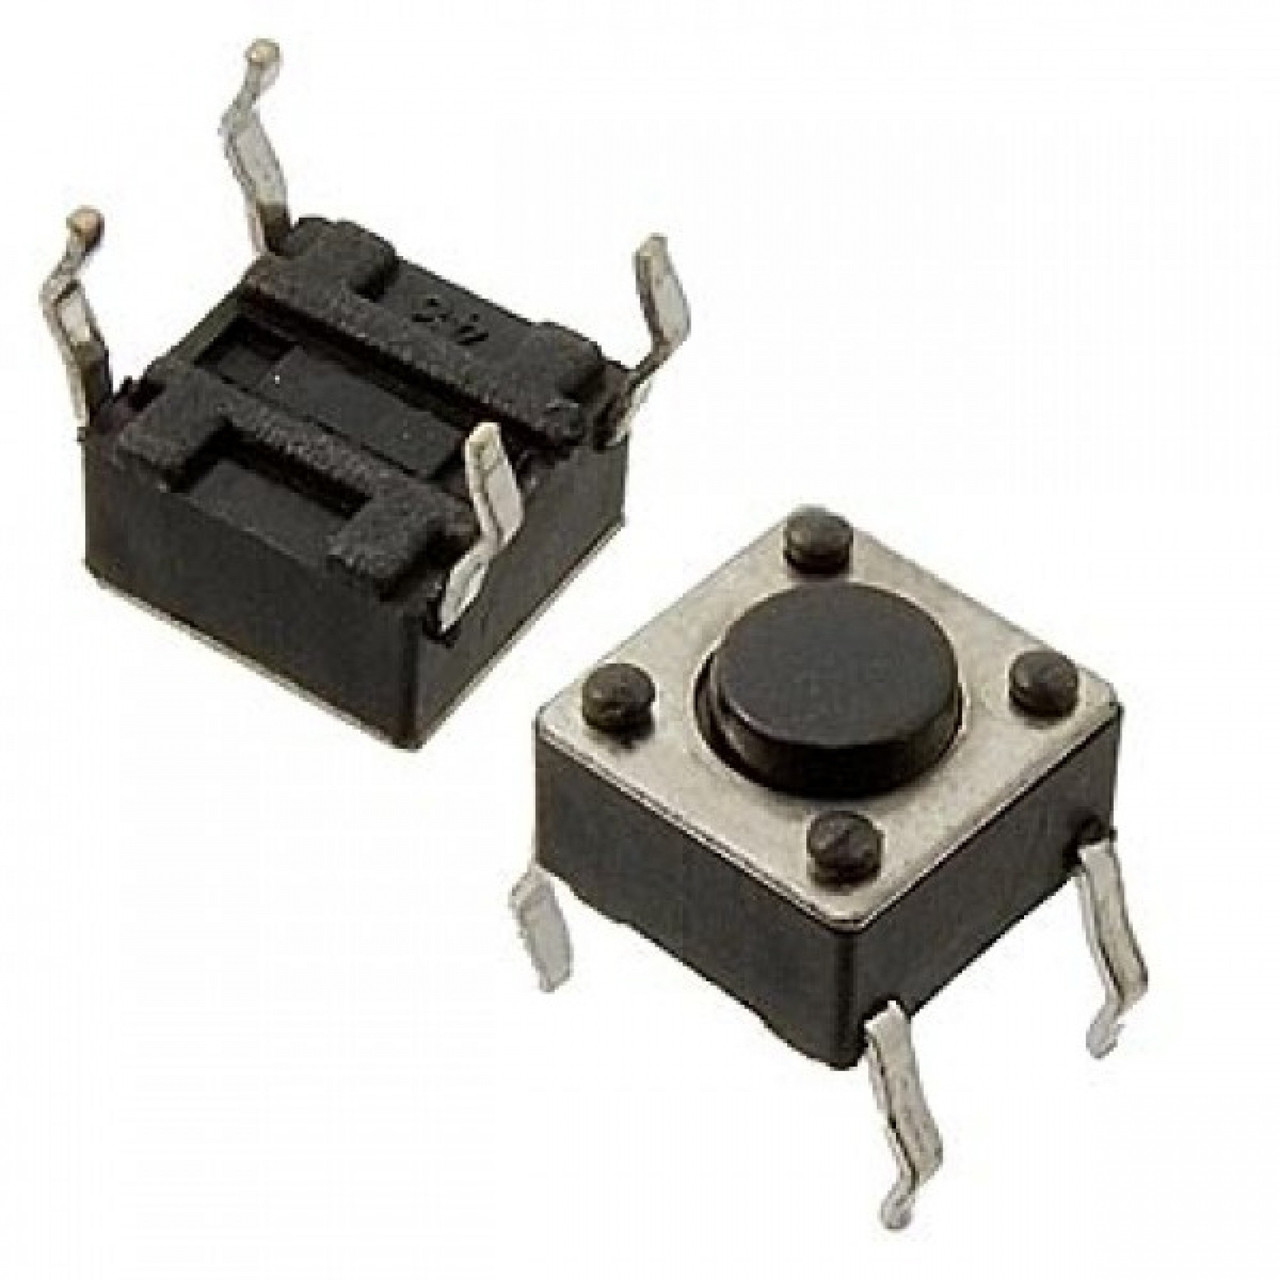 10x Кнопка тактовая, микрик, DIP 4 контакта, 6x6x5мм 2000-02711